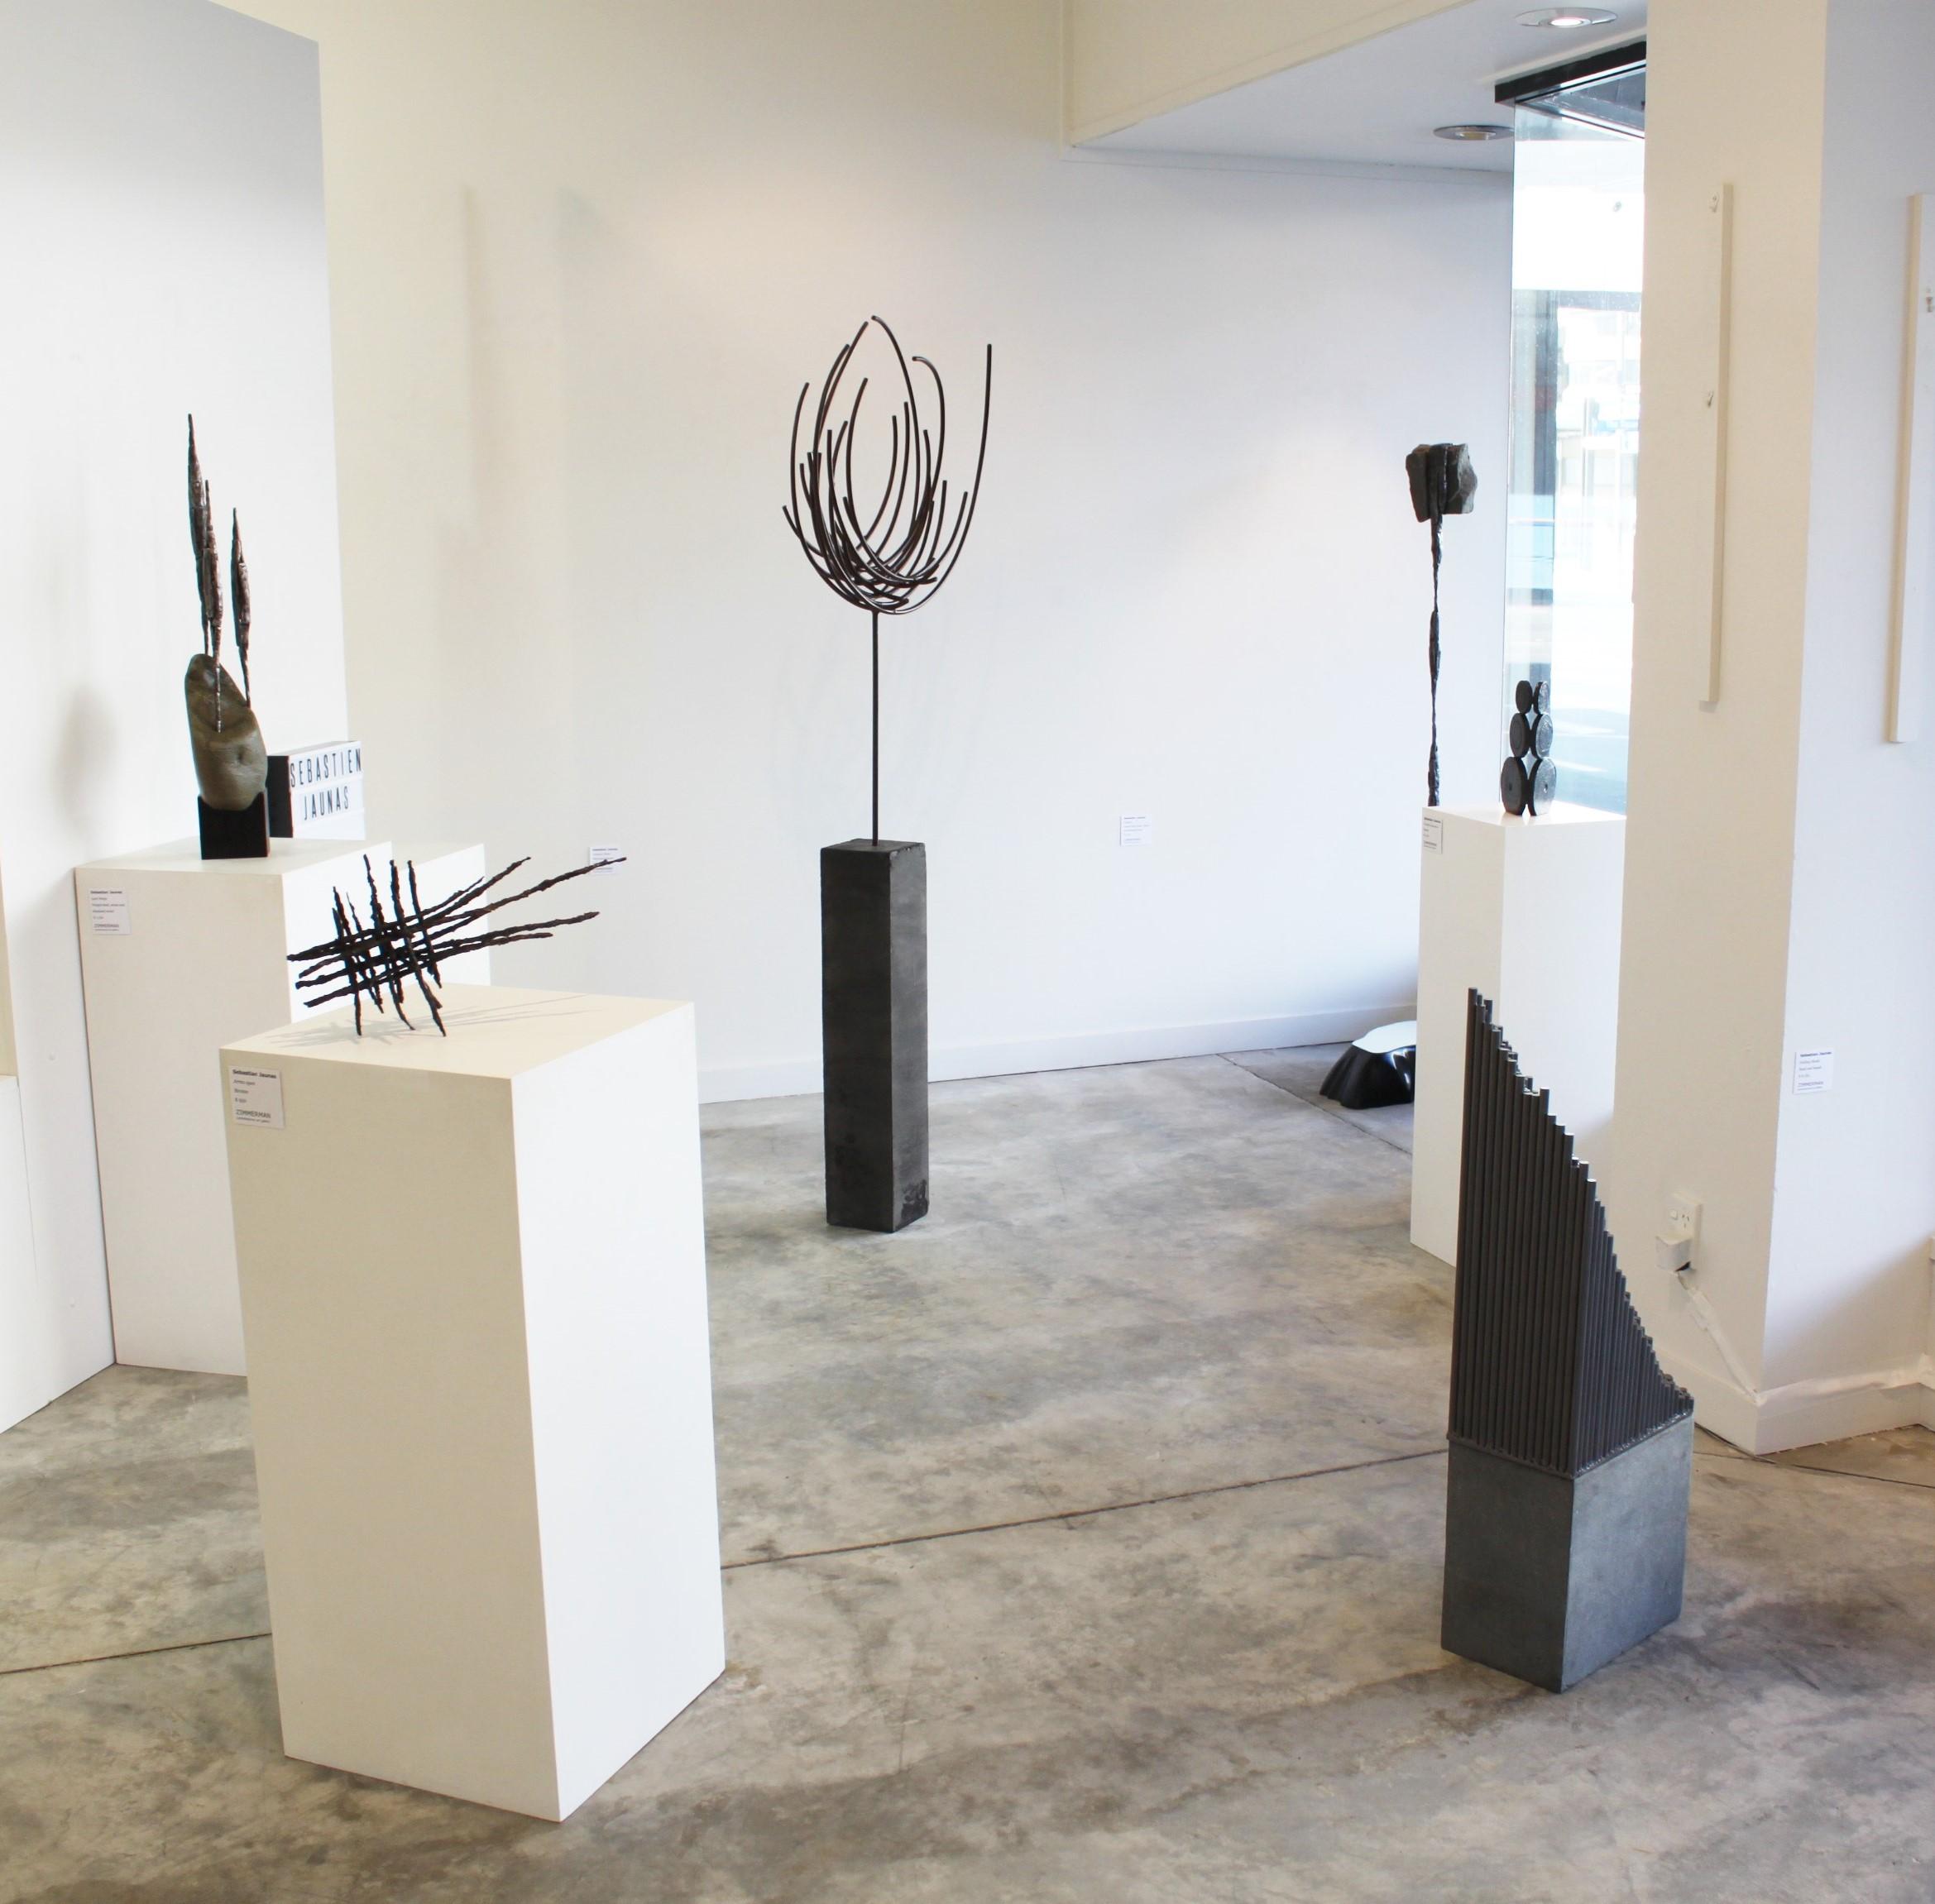 zimmerman Gallery 2016.JPG